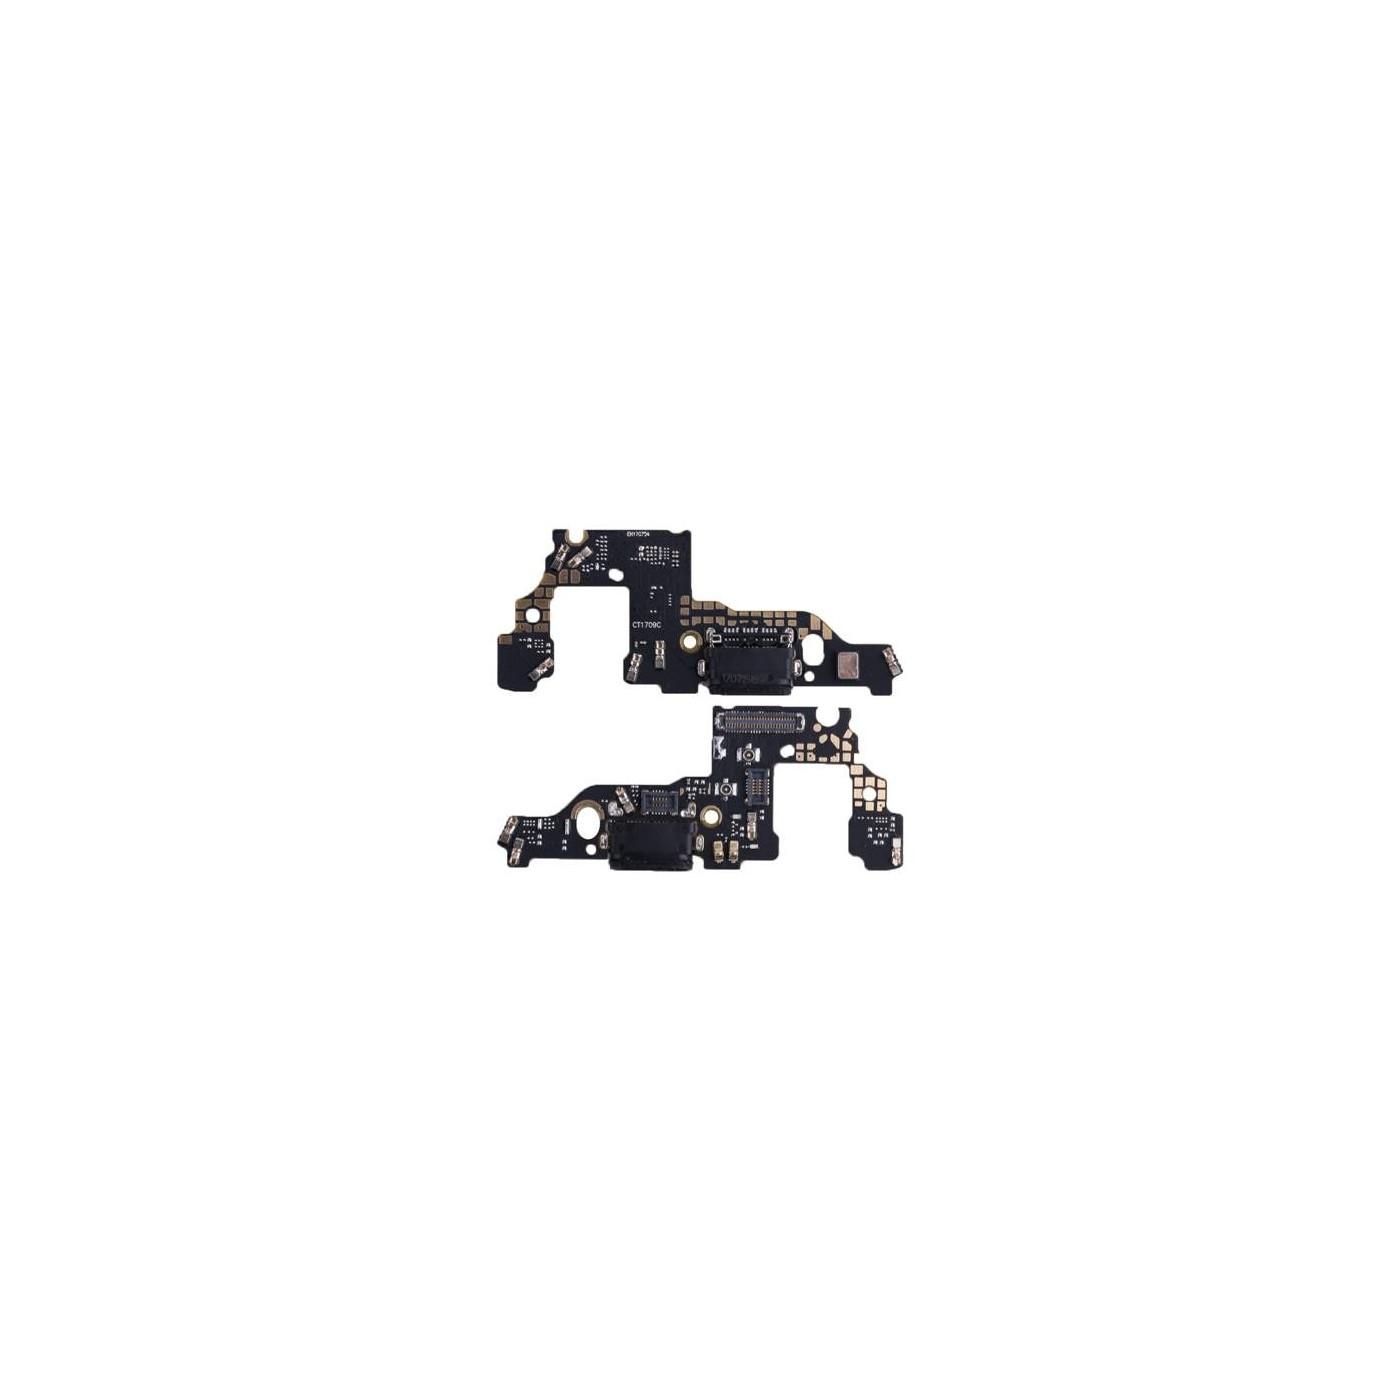 Connecteur de charge plat flexible pour la charge HUAWEI P10 Plus